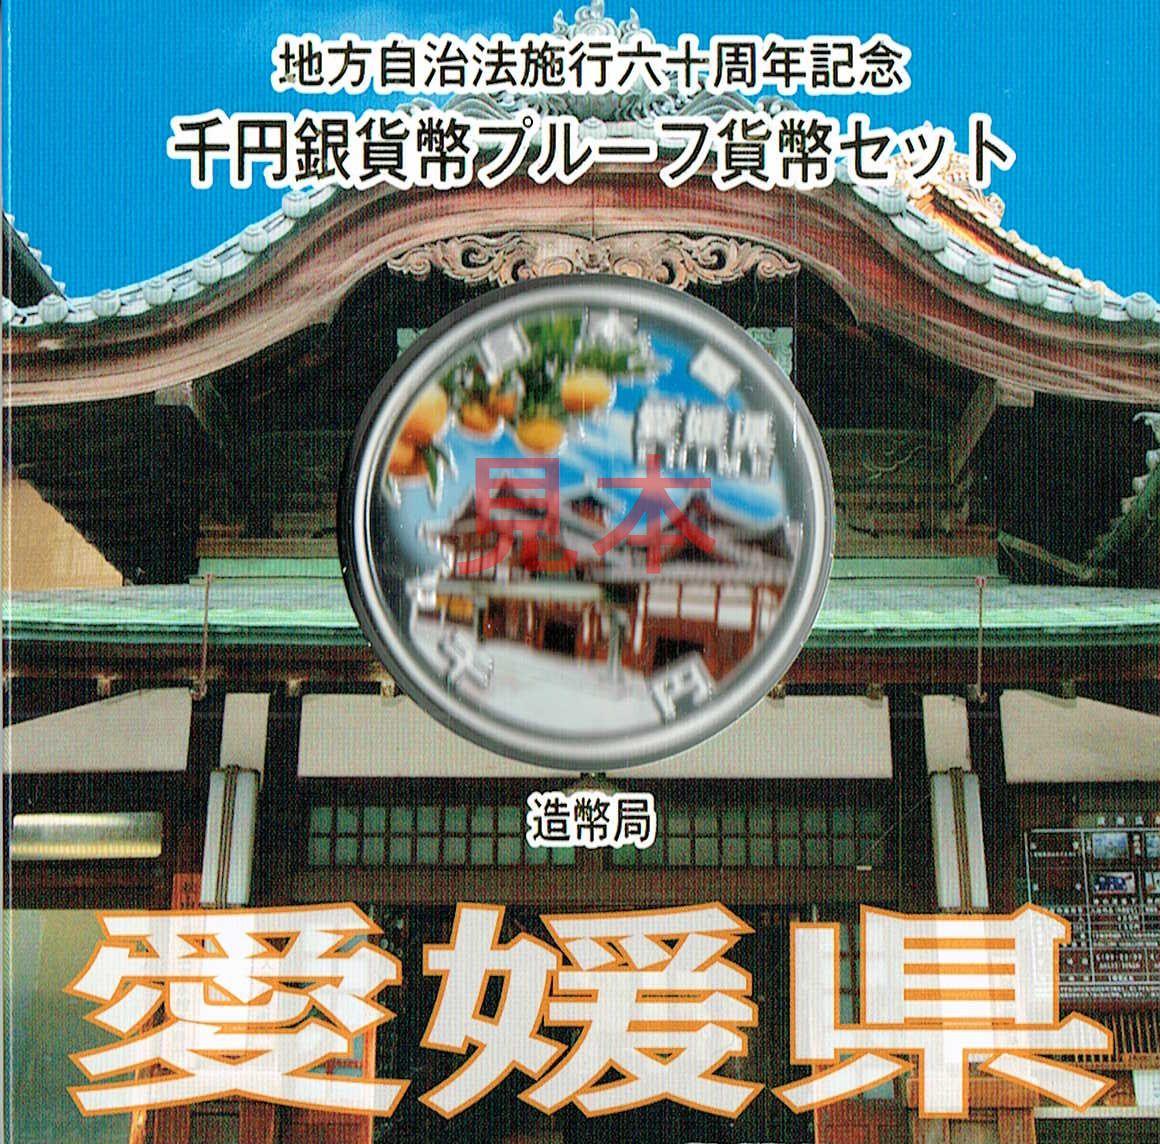 商品名「地方自治法施行60周年記念千円銀貨幣プルーフ Aセット 愛媛県」